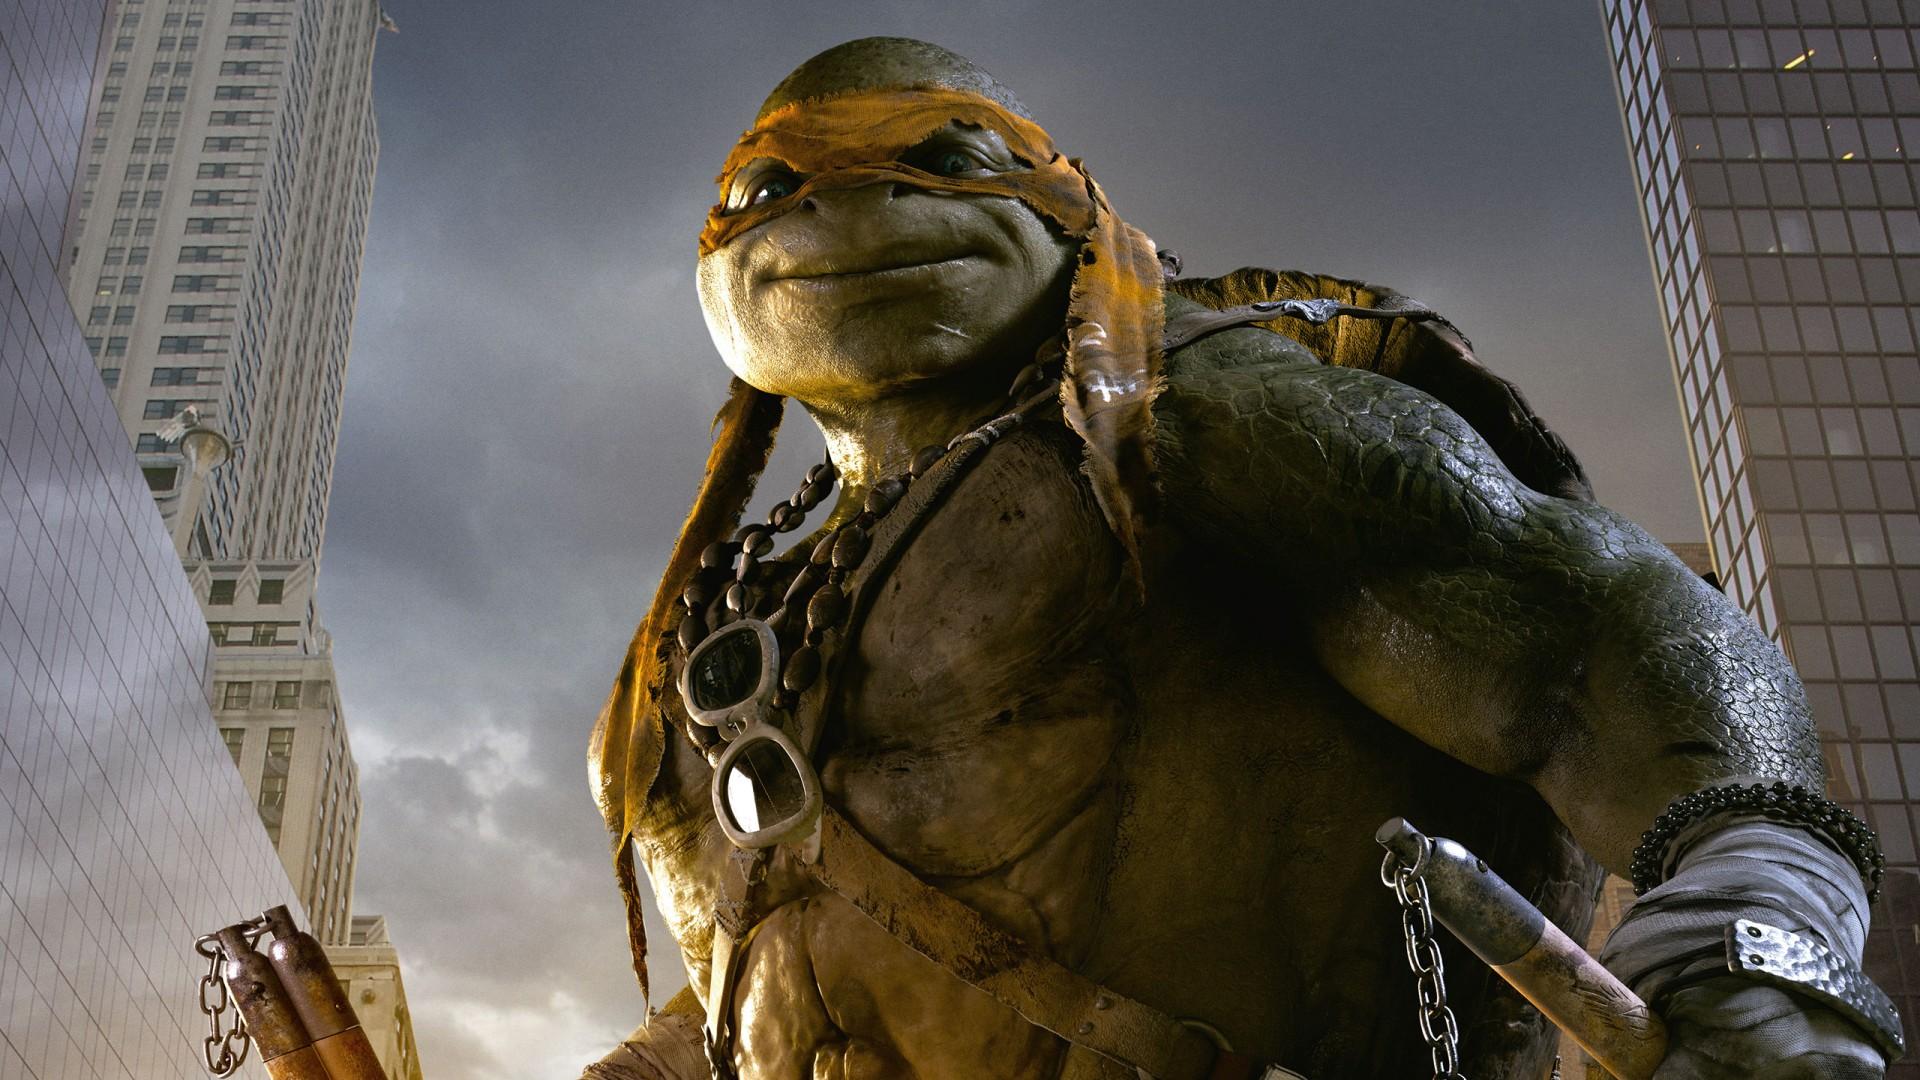 Cute Turtle Iphone Wallpaper Mikey In Teenage Mutant Ninja Turtles Wallpapers Hd